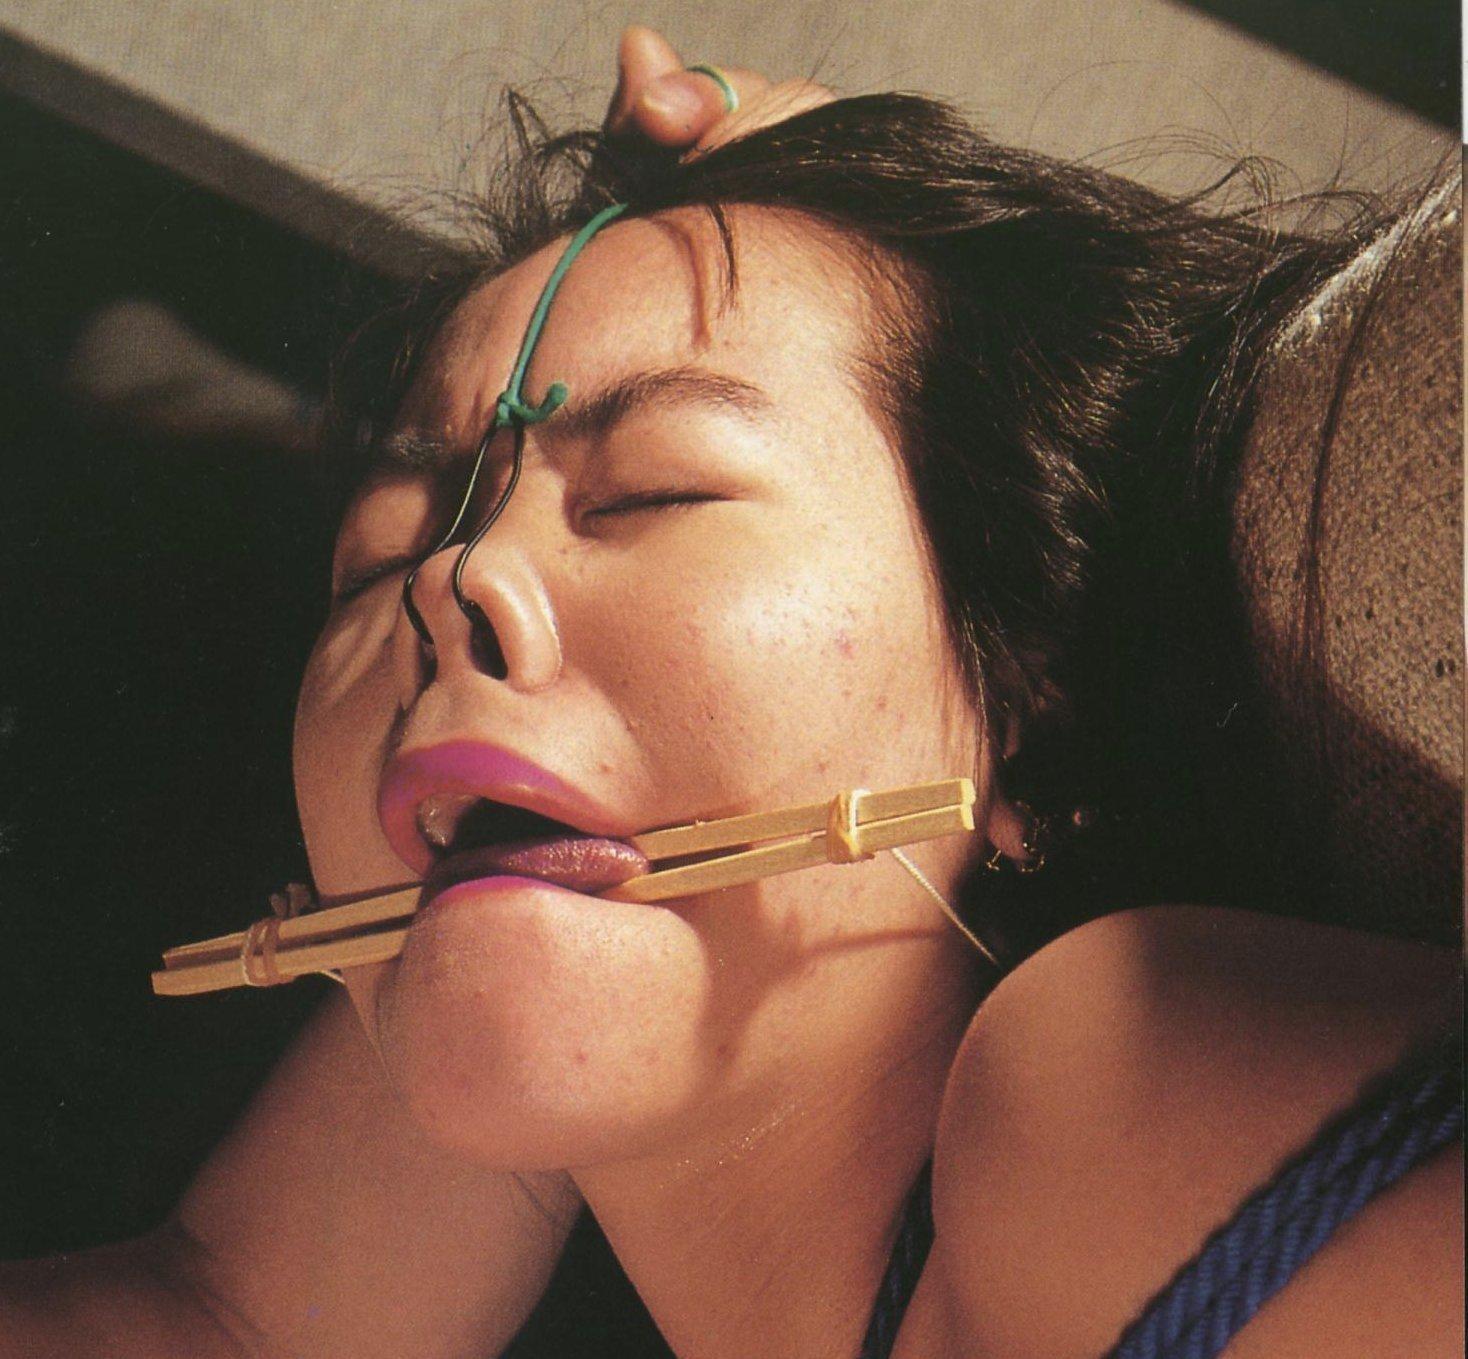 【SMエロ画像】もう誰かわからないw顔面への壮絶な責め苦を受けるM女たちwww 09